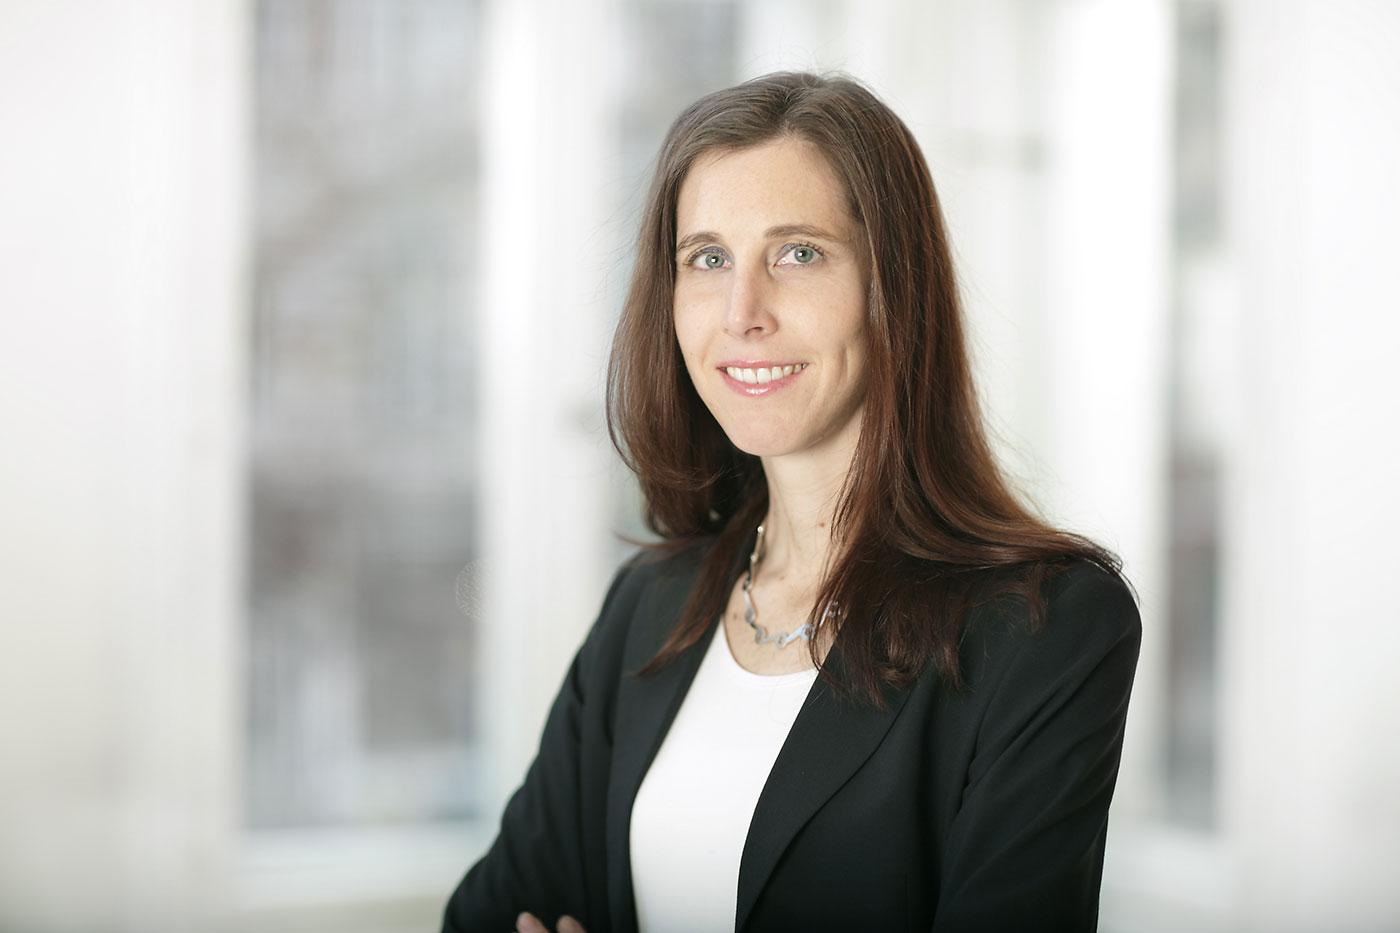 Rechtsanwältin Stefanie Kirschner, Berlin